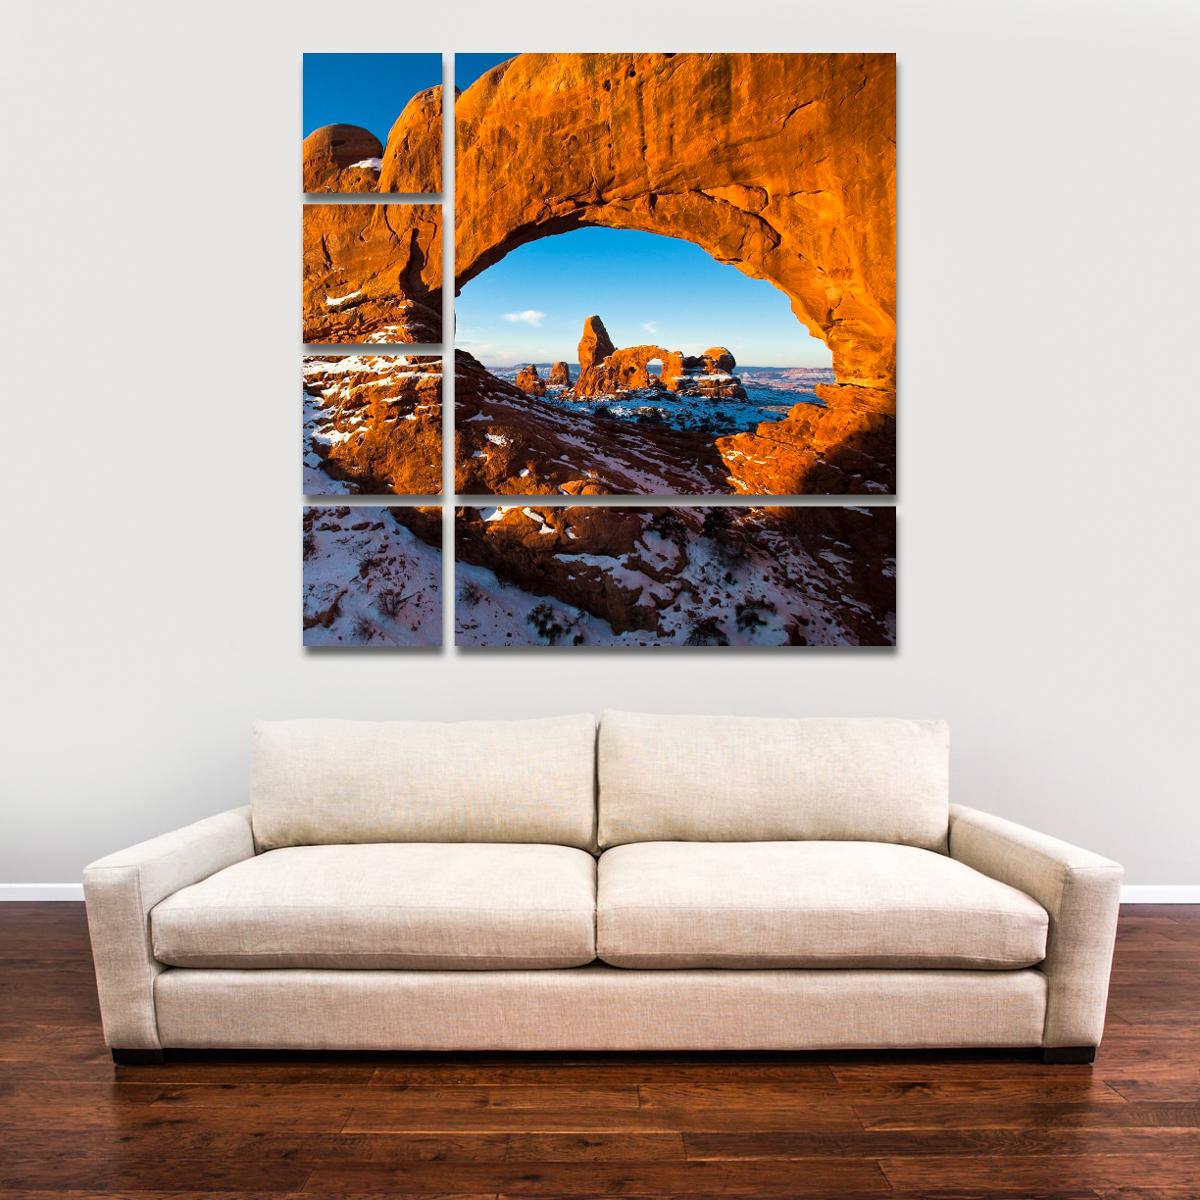 art gallery split